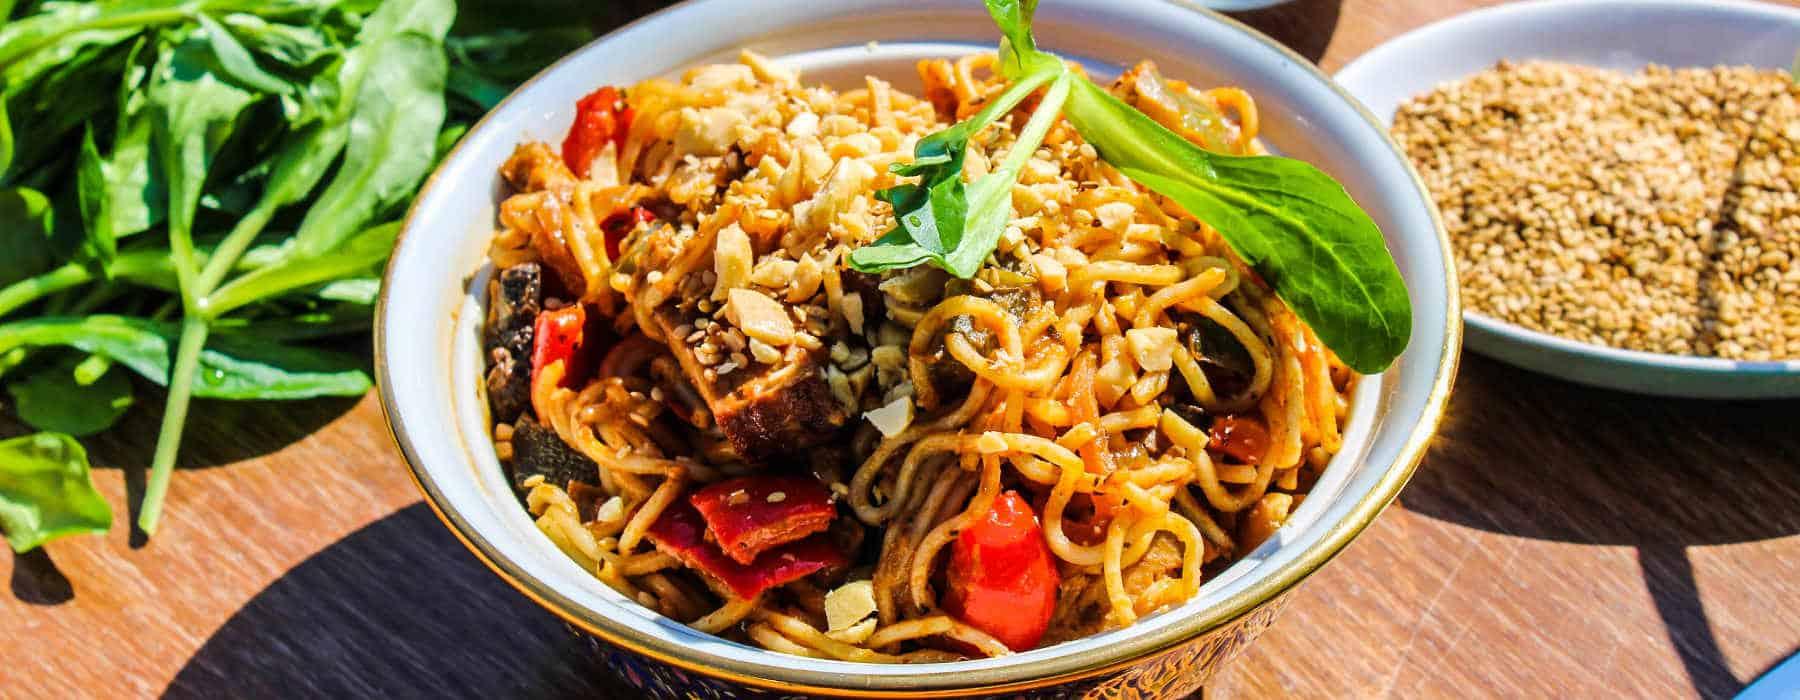 Recette bad thaï végétalienne